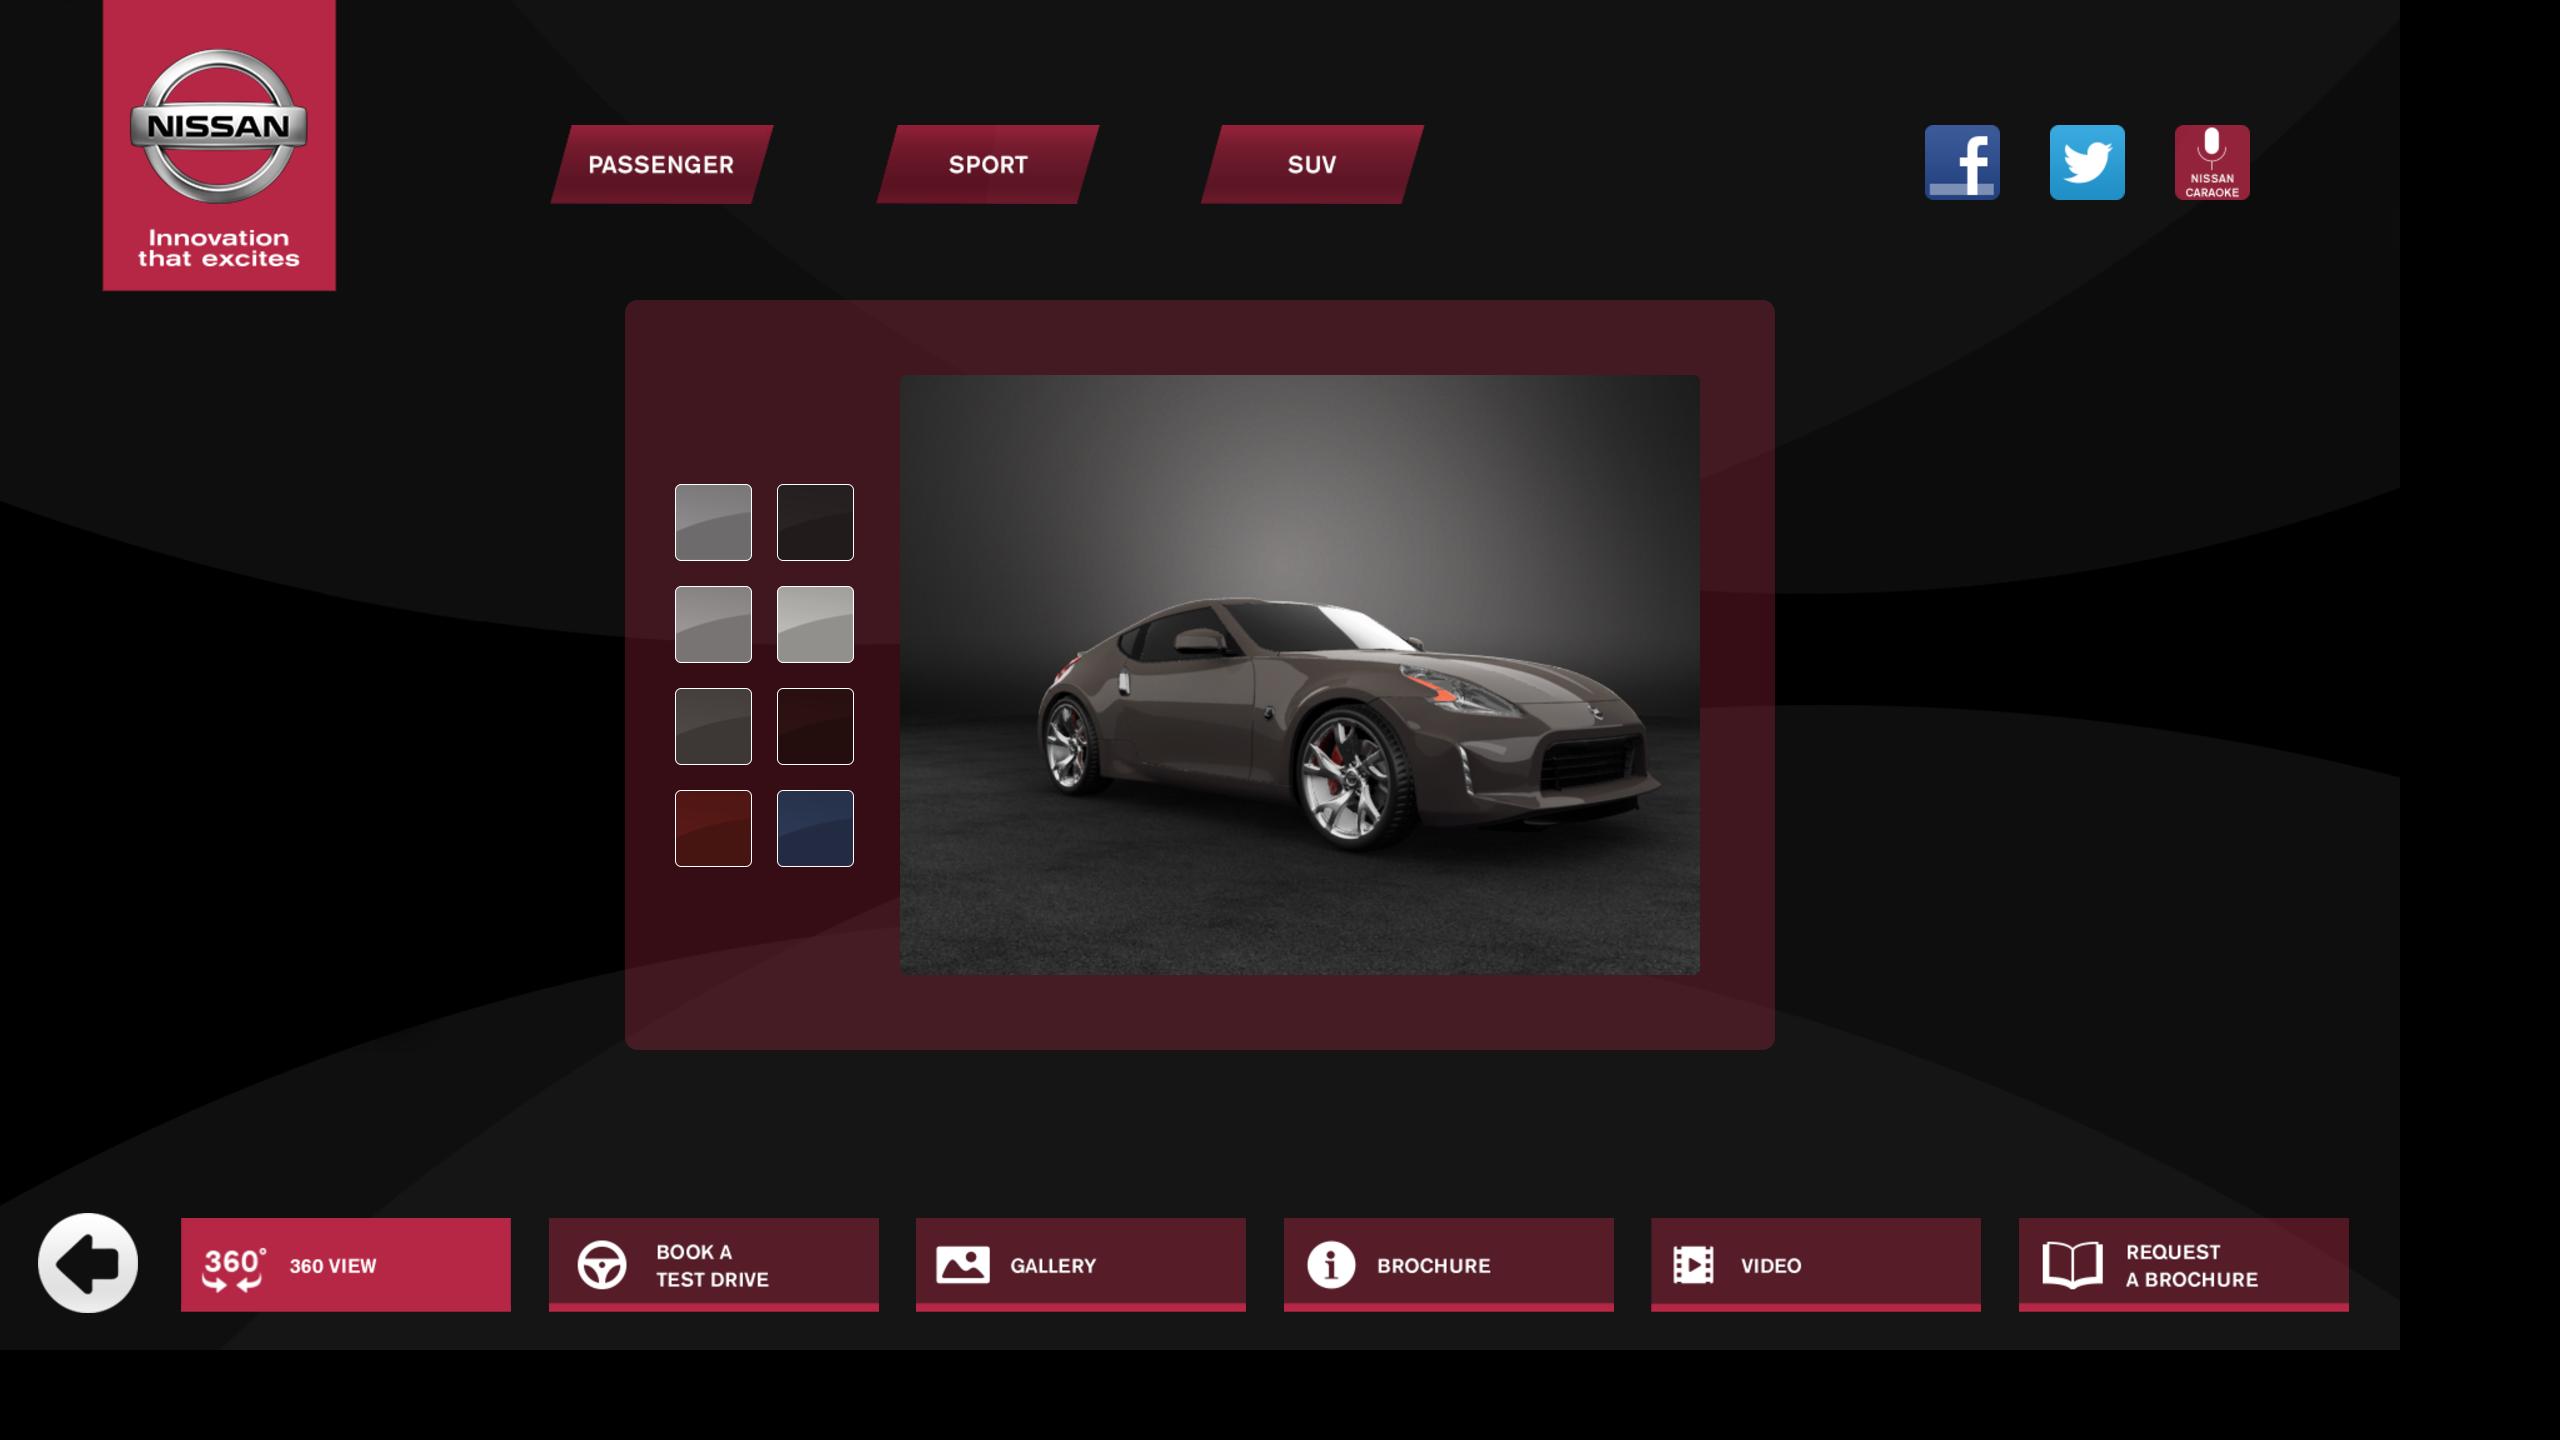 Nissan interactive Kiosks